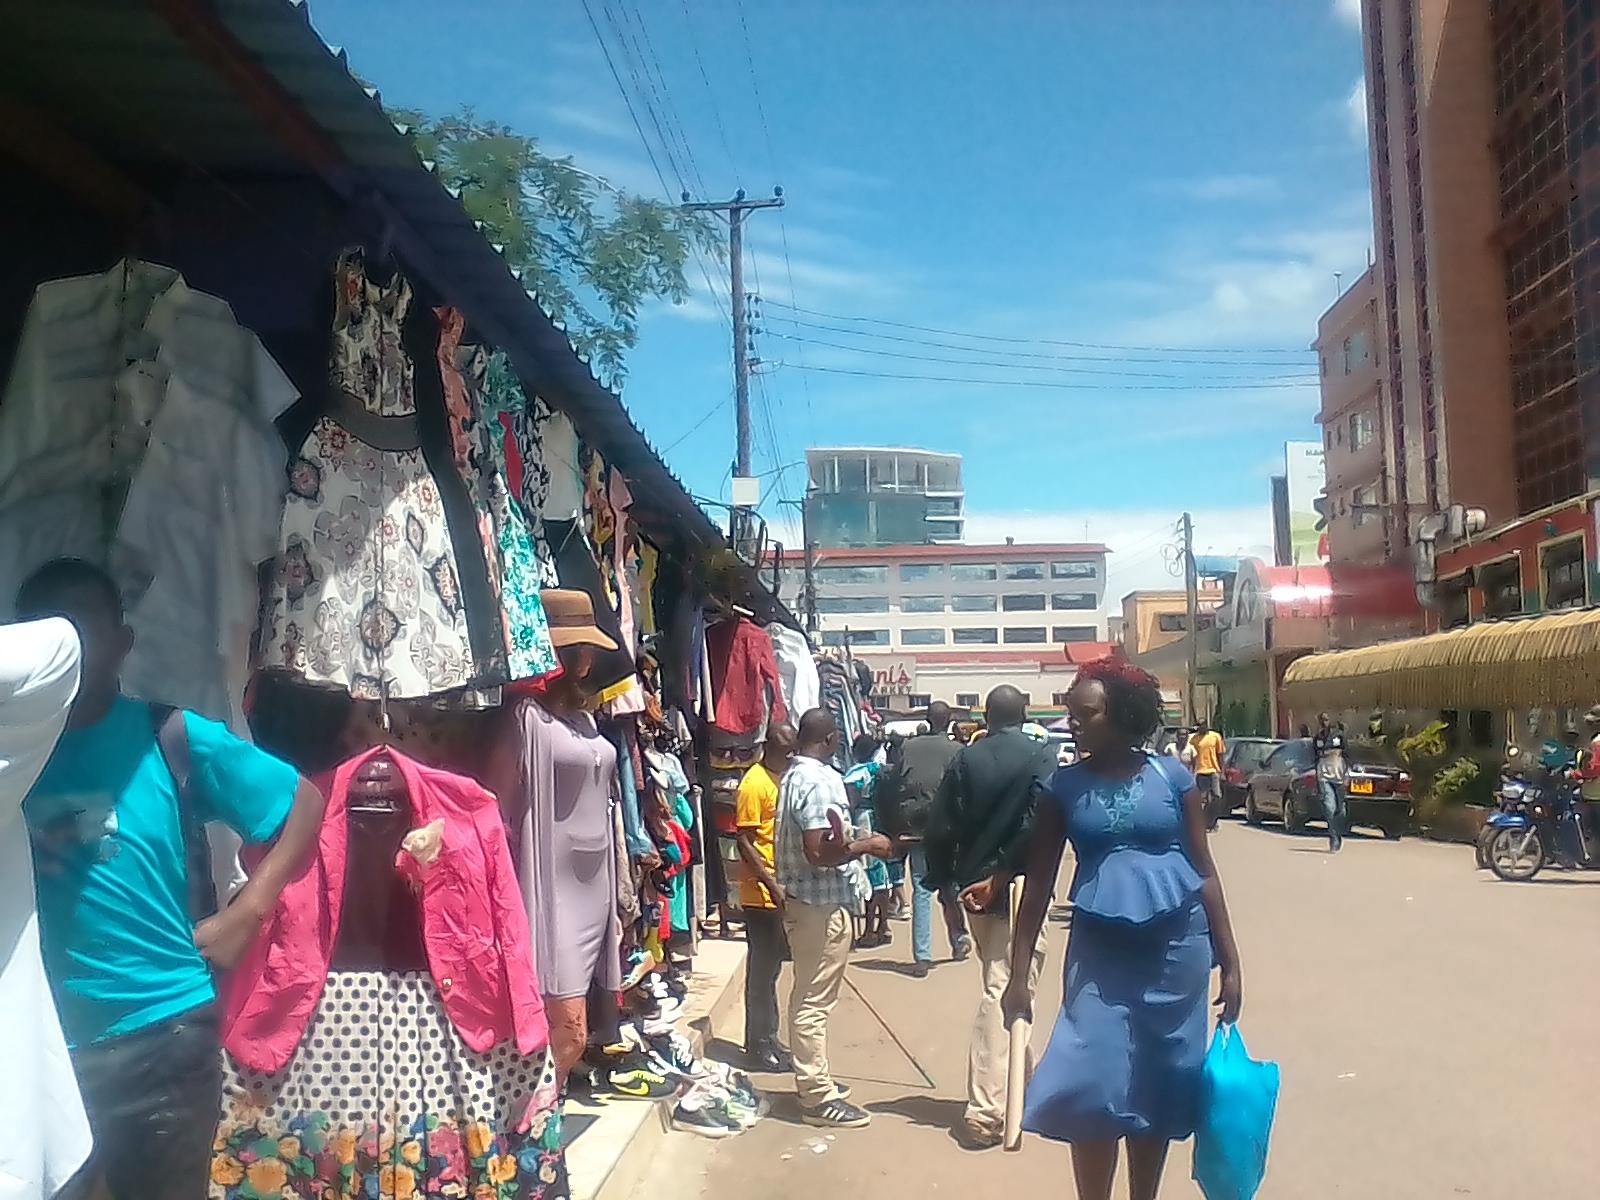 Nakuru: Mji usiotambua Leba Dei, hapa kazi tu!